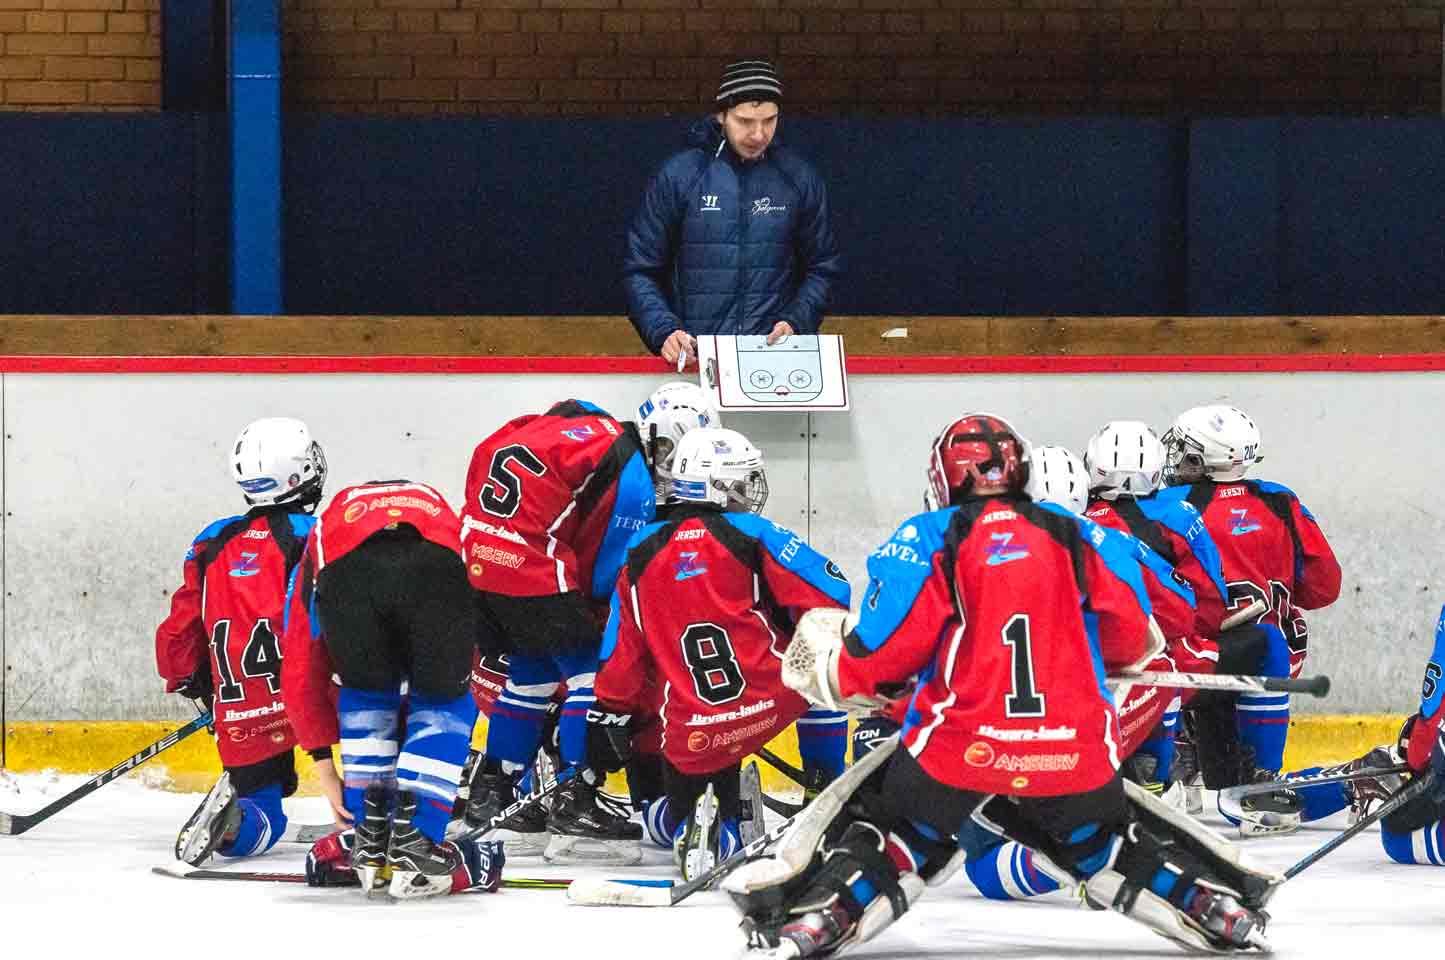 Hokeja treneris skaidro spēlētājiem taktisko zīmējumu